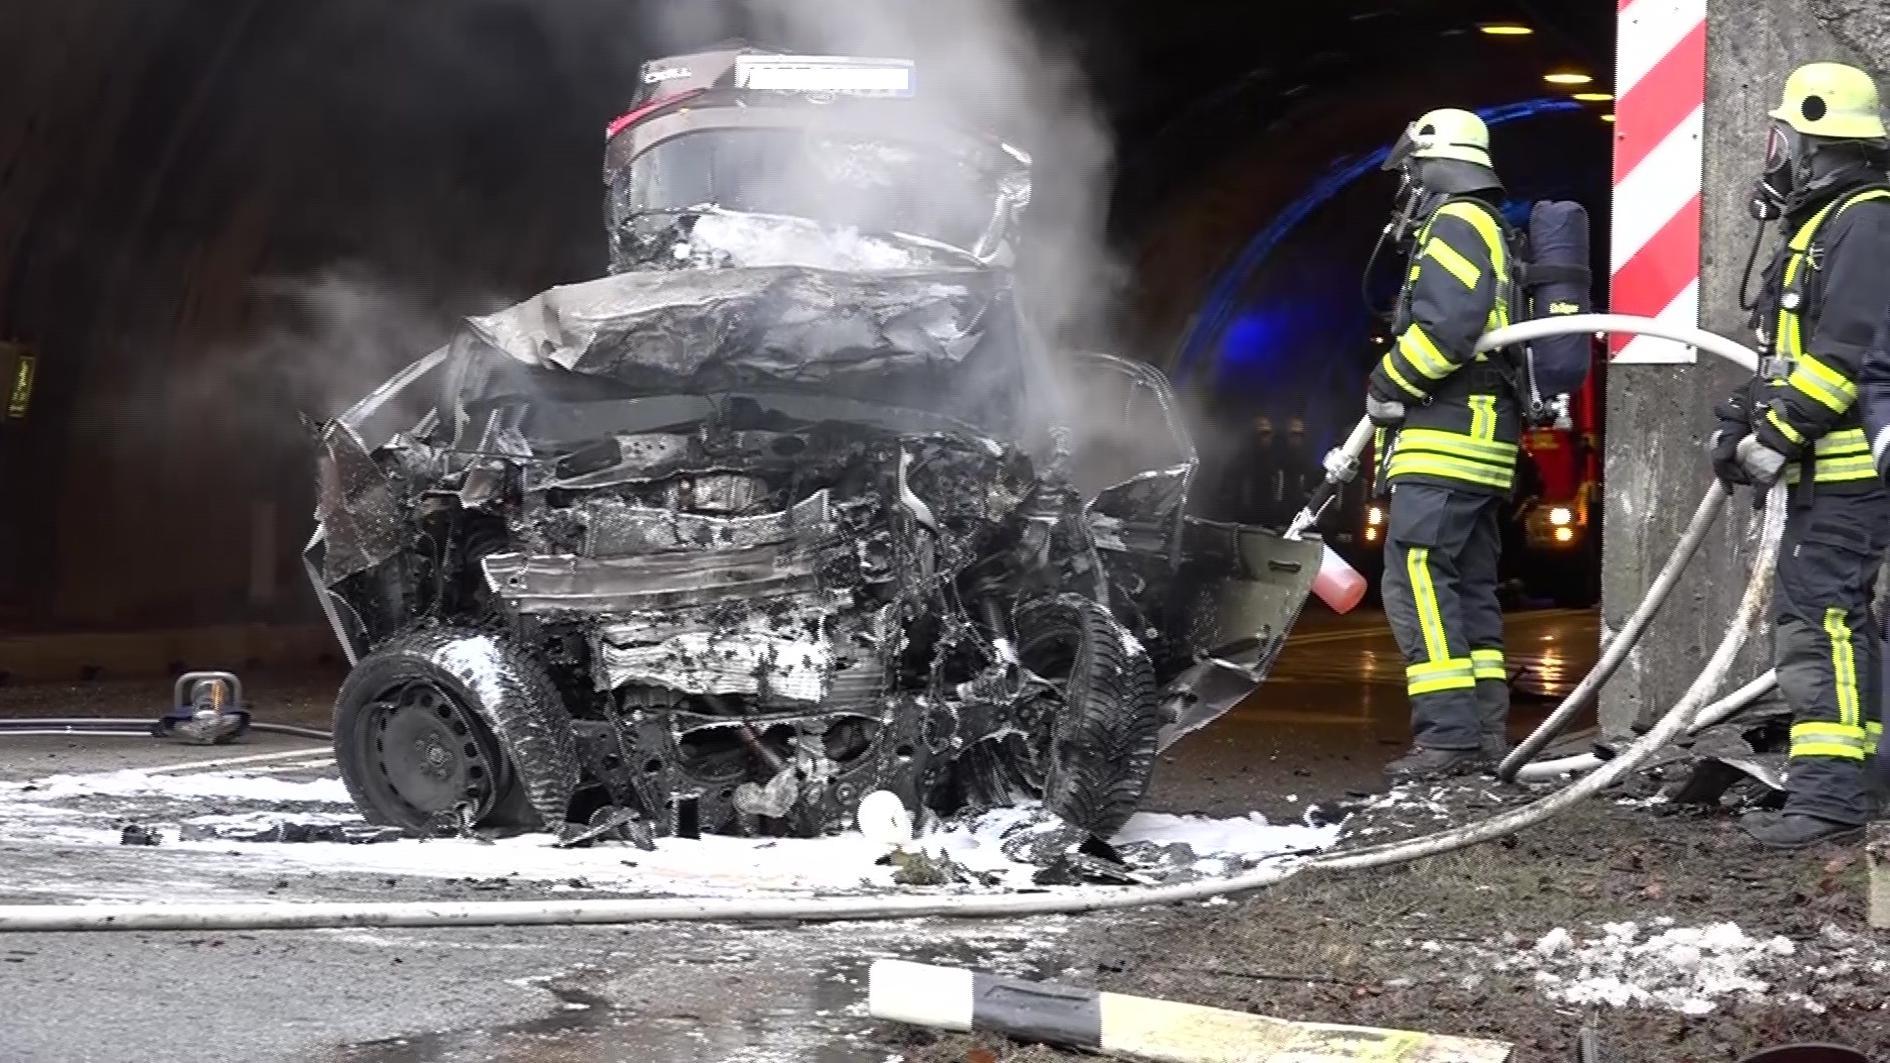 Zwei Feuerwehrmänner stehen neben dem ausgebrannten Autowrack.